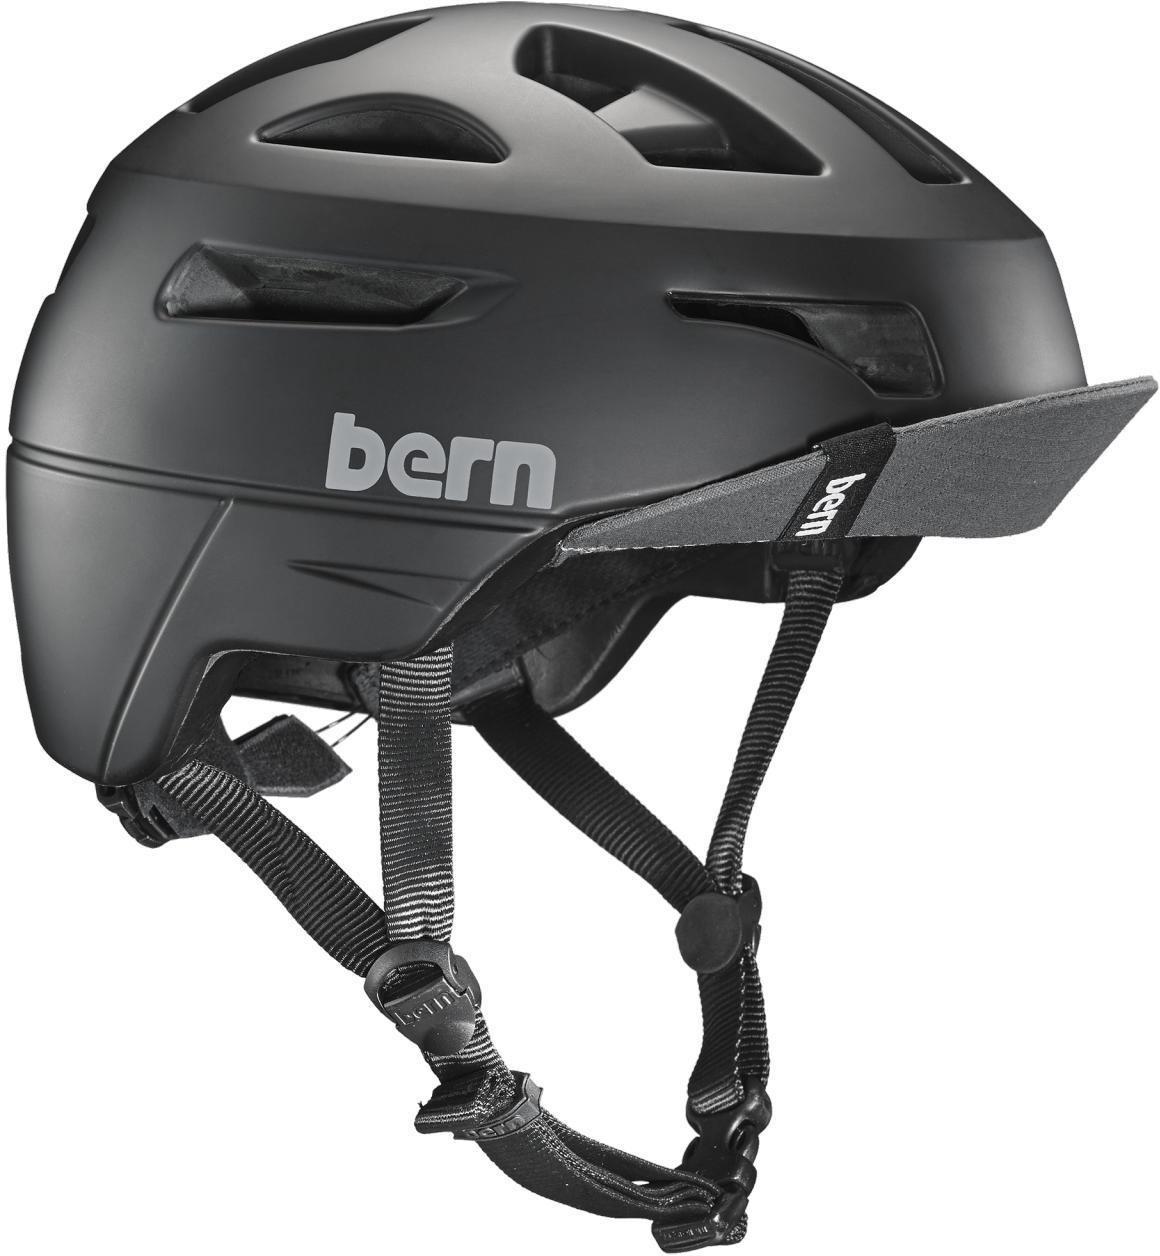 Bern Union Cykelhjelm MIPS, matte black (2019) | Helmets